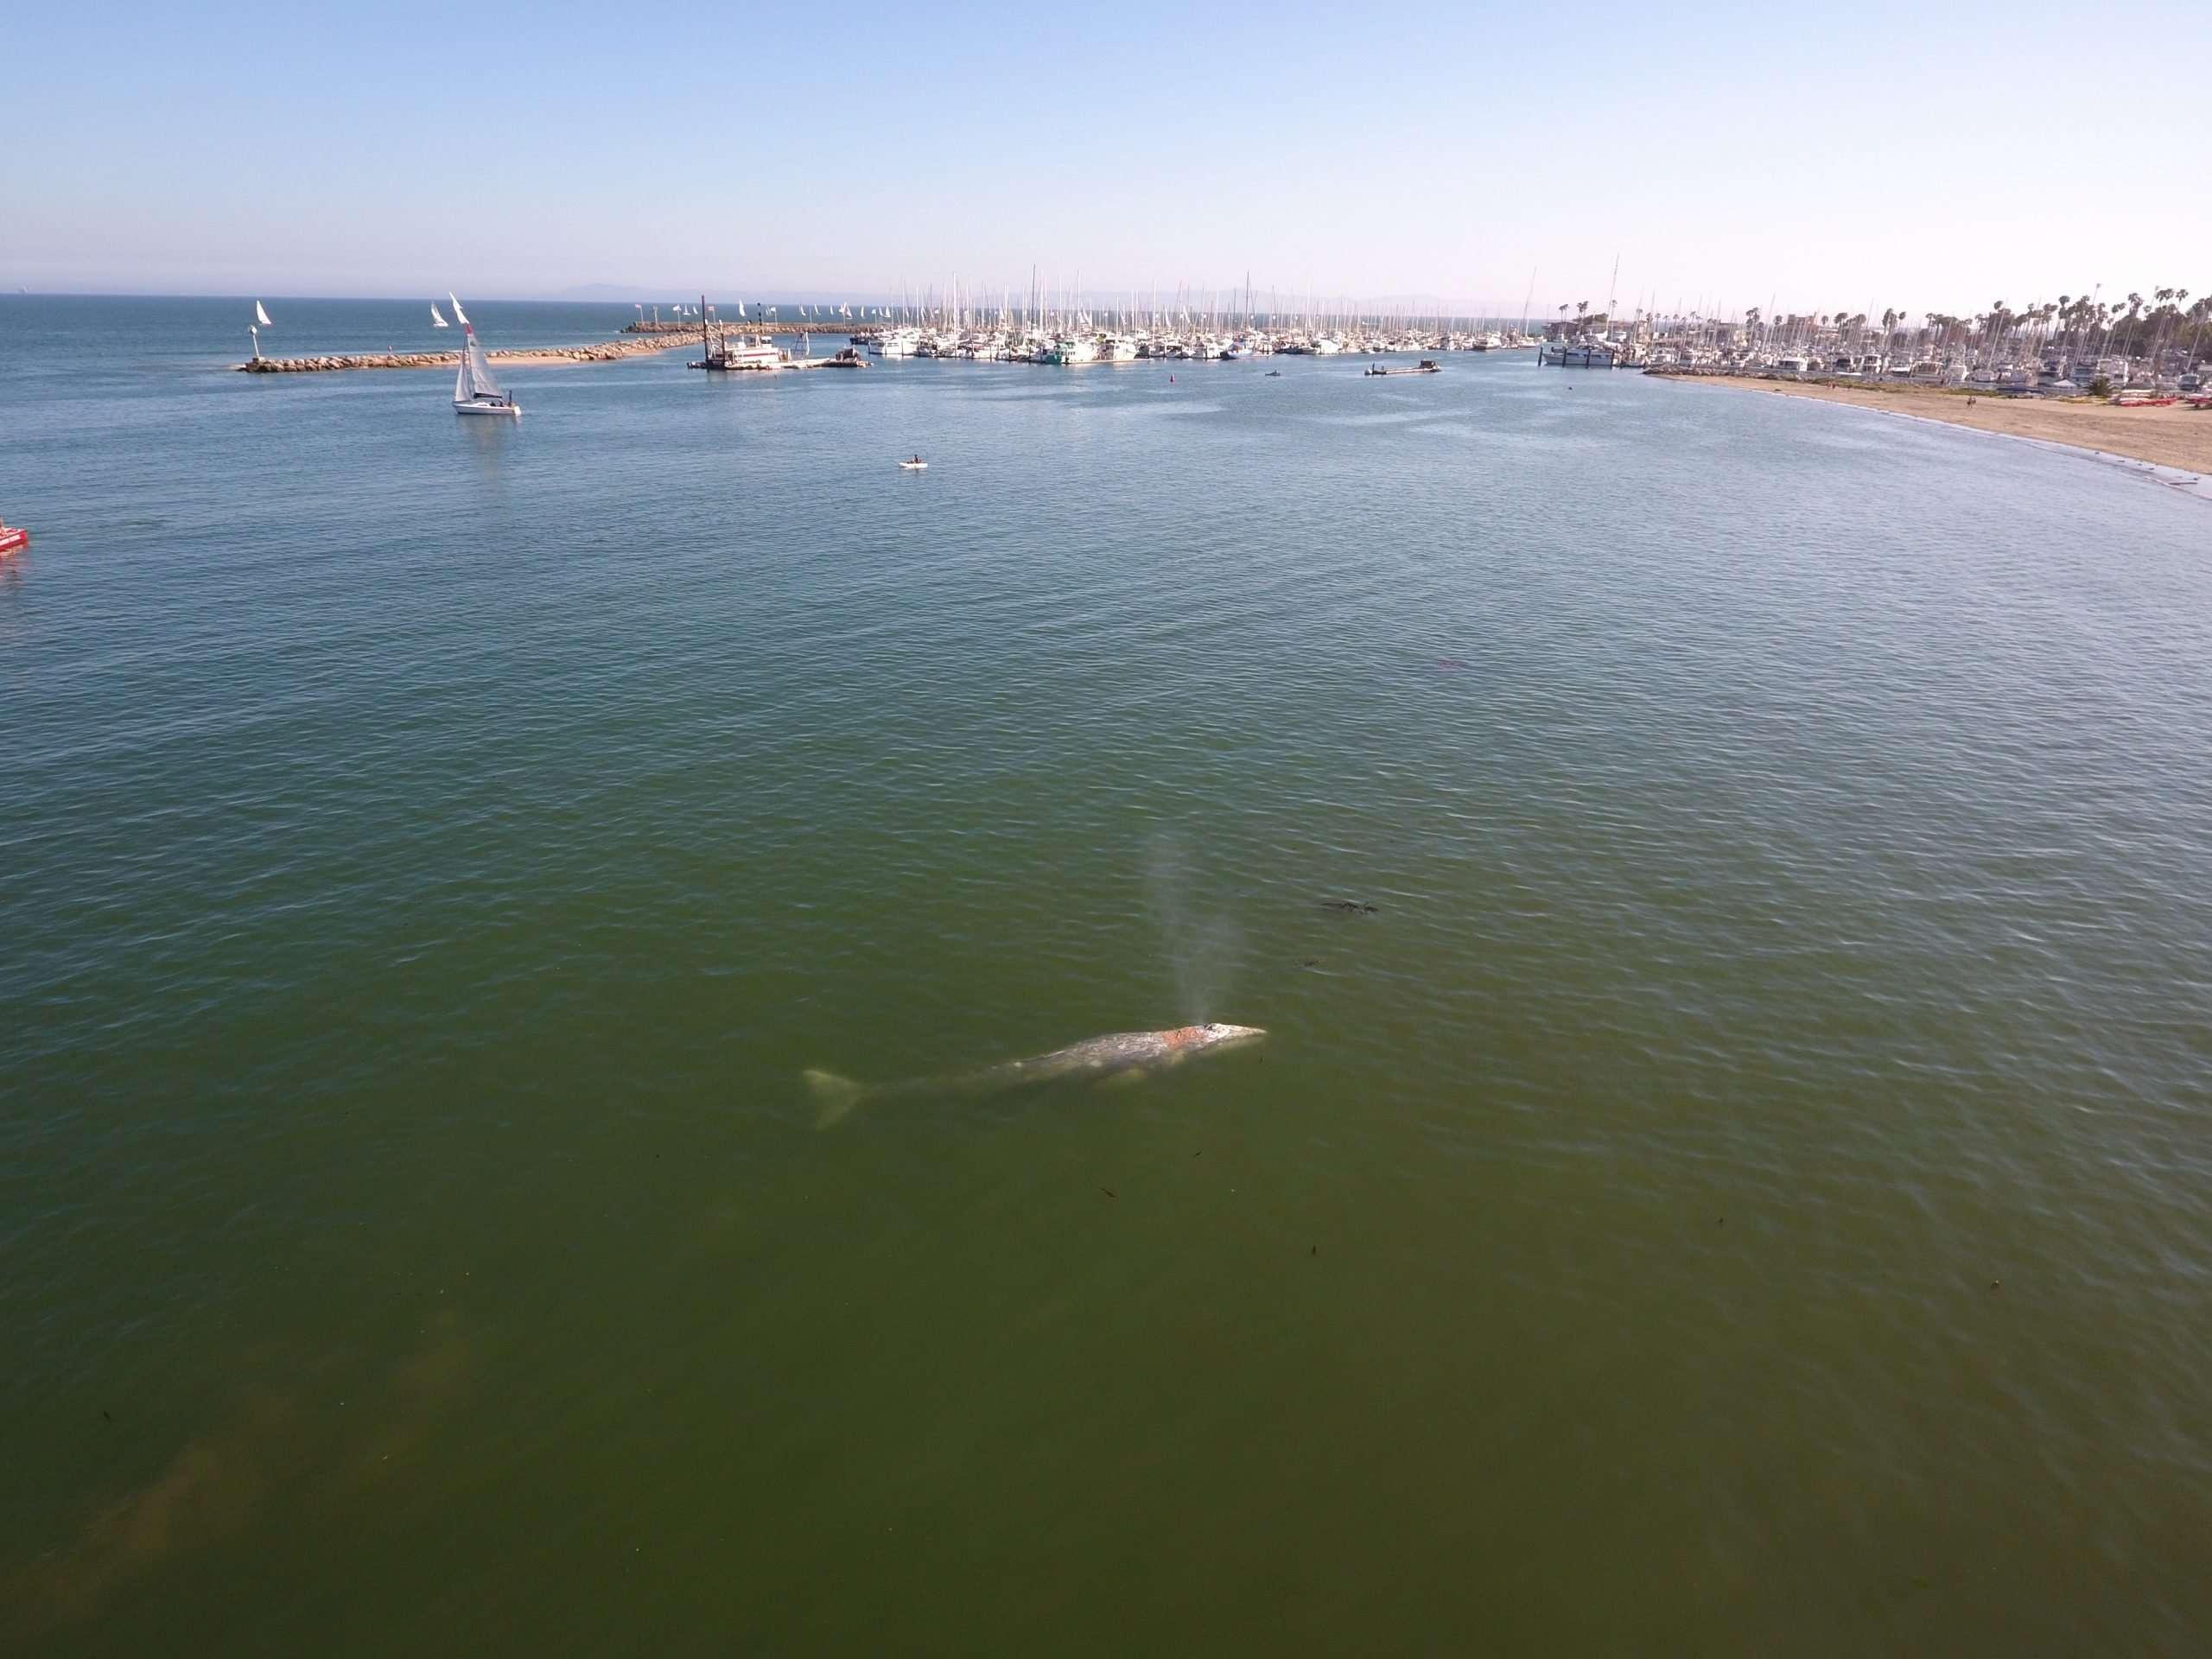 Whale off the Coast of Santa Barbara